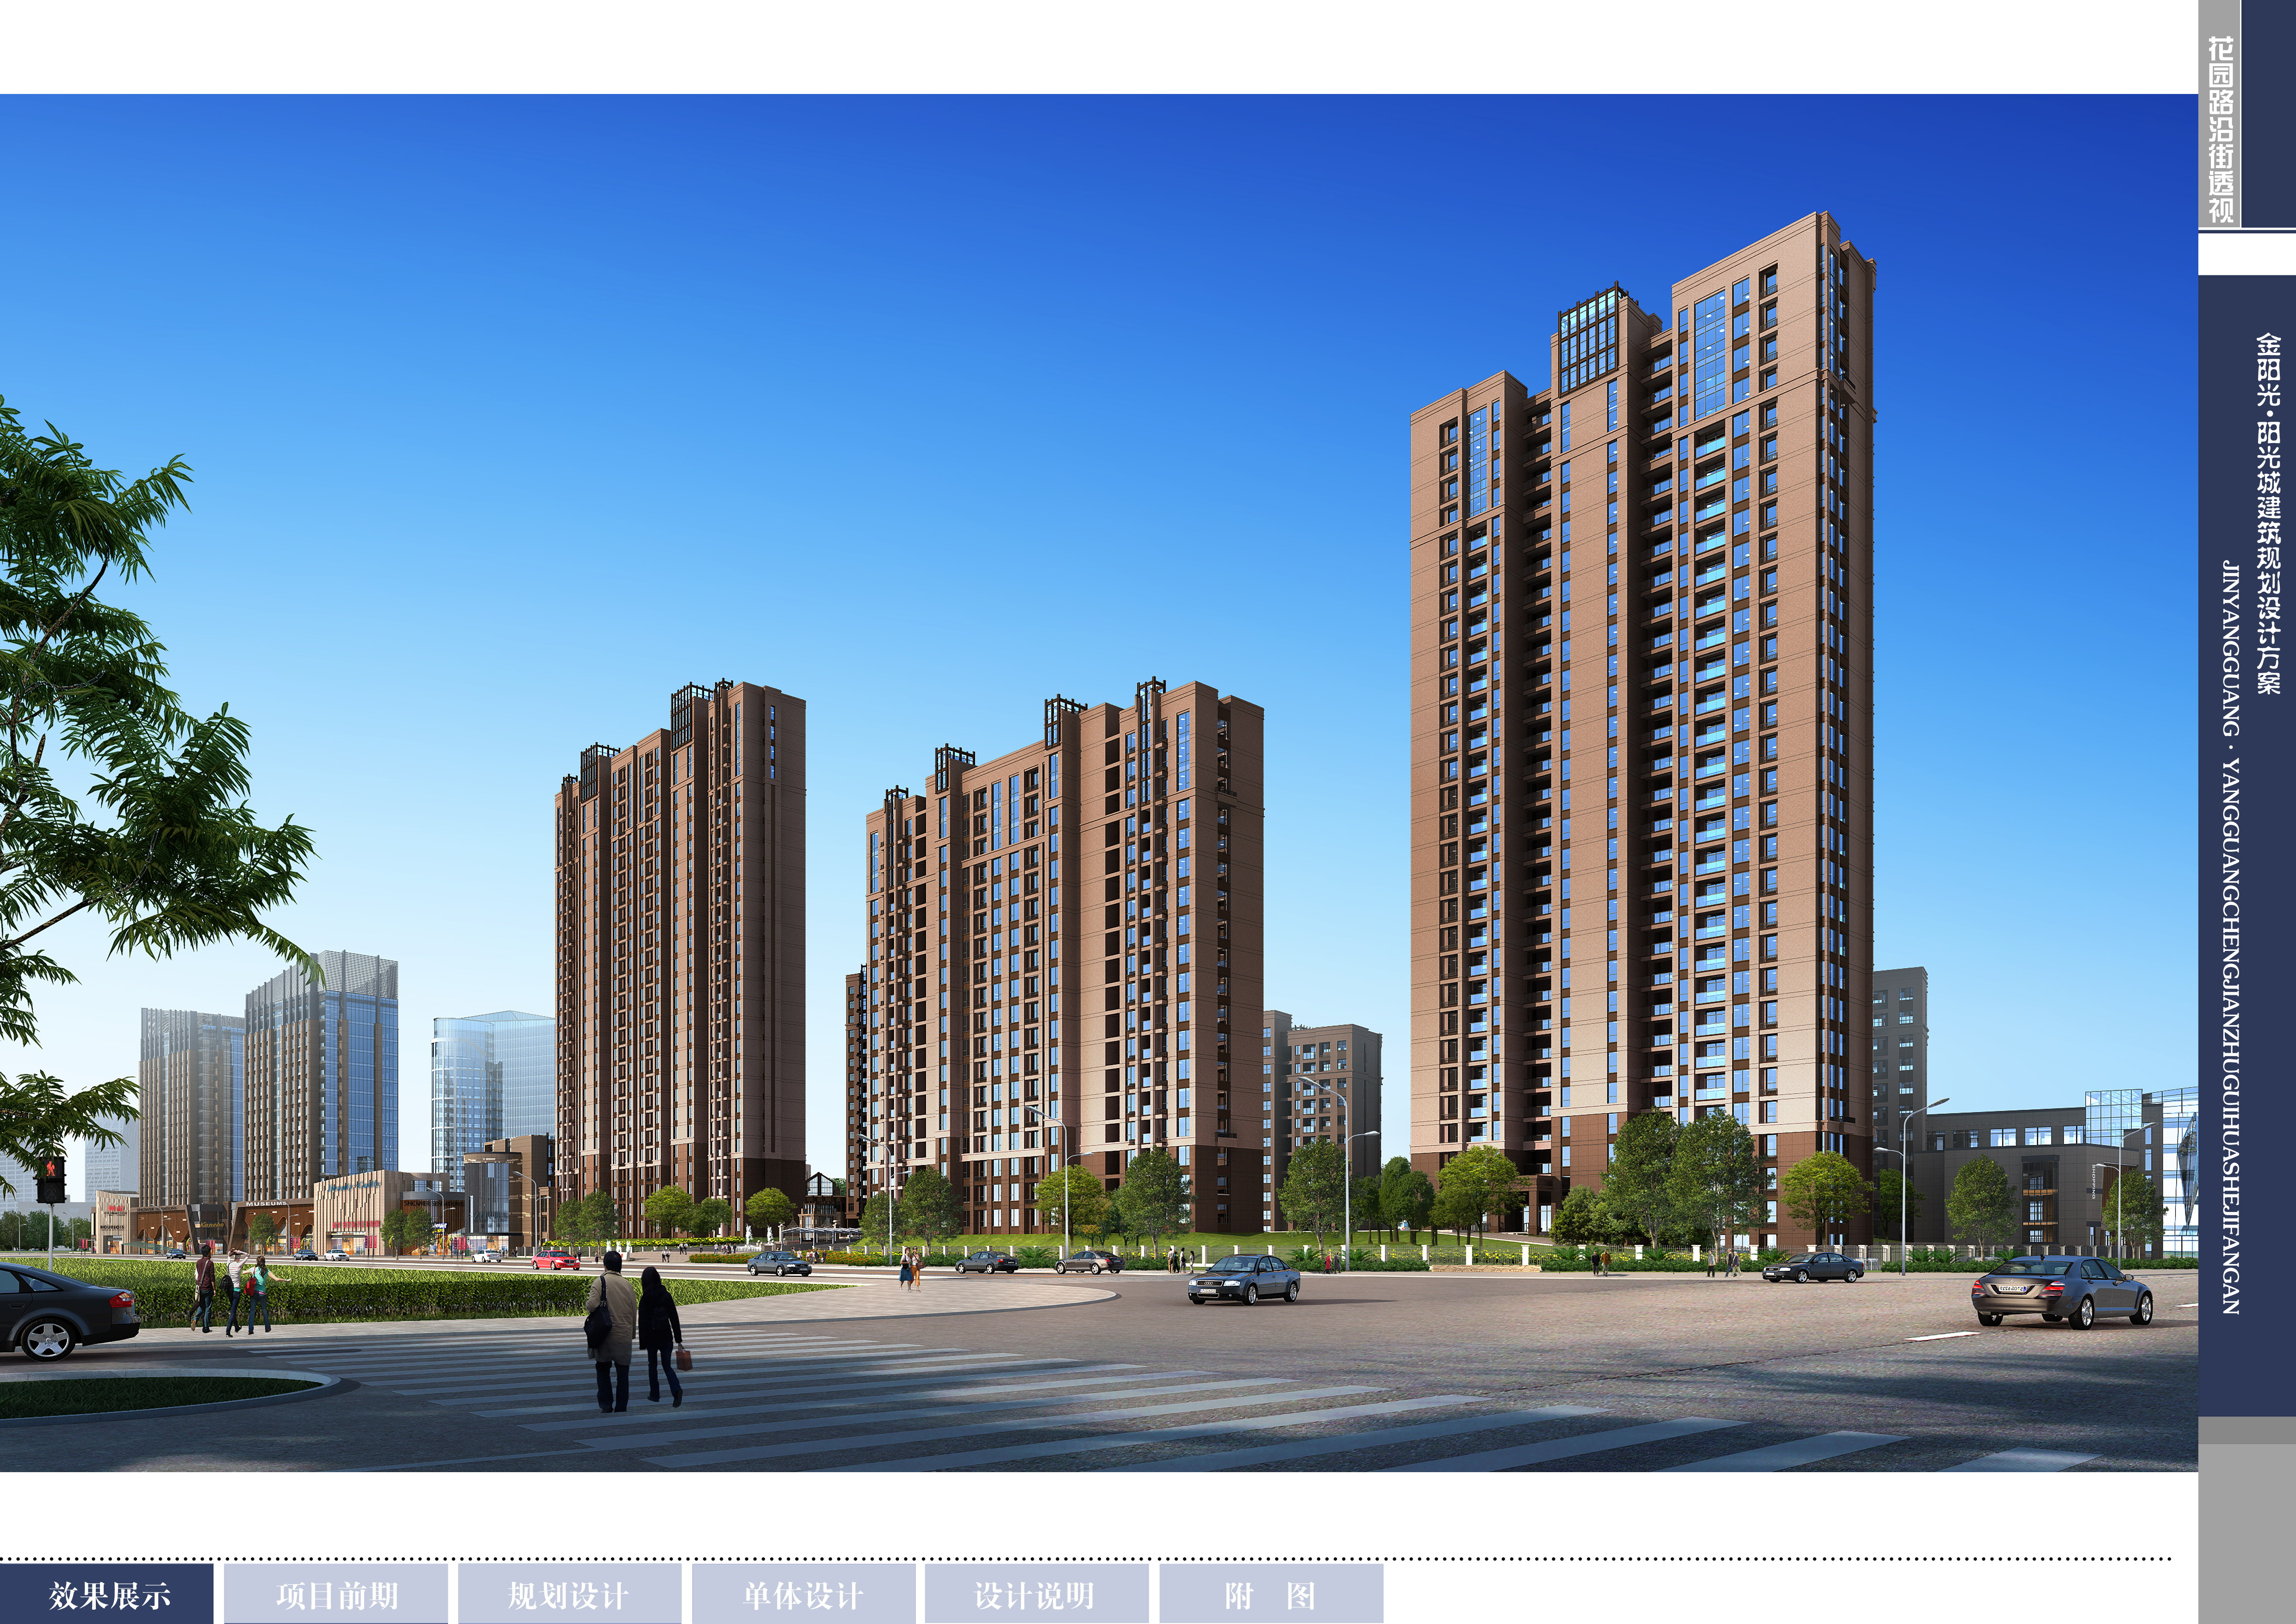 滁州金阳光阳光城